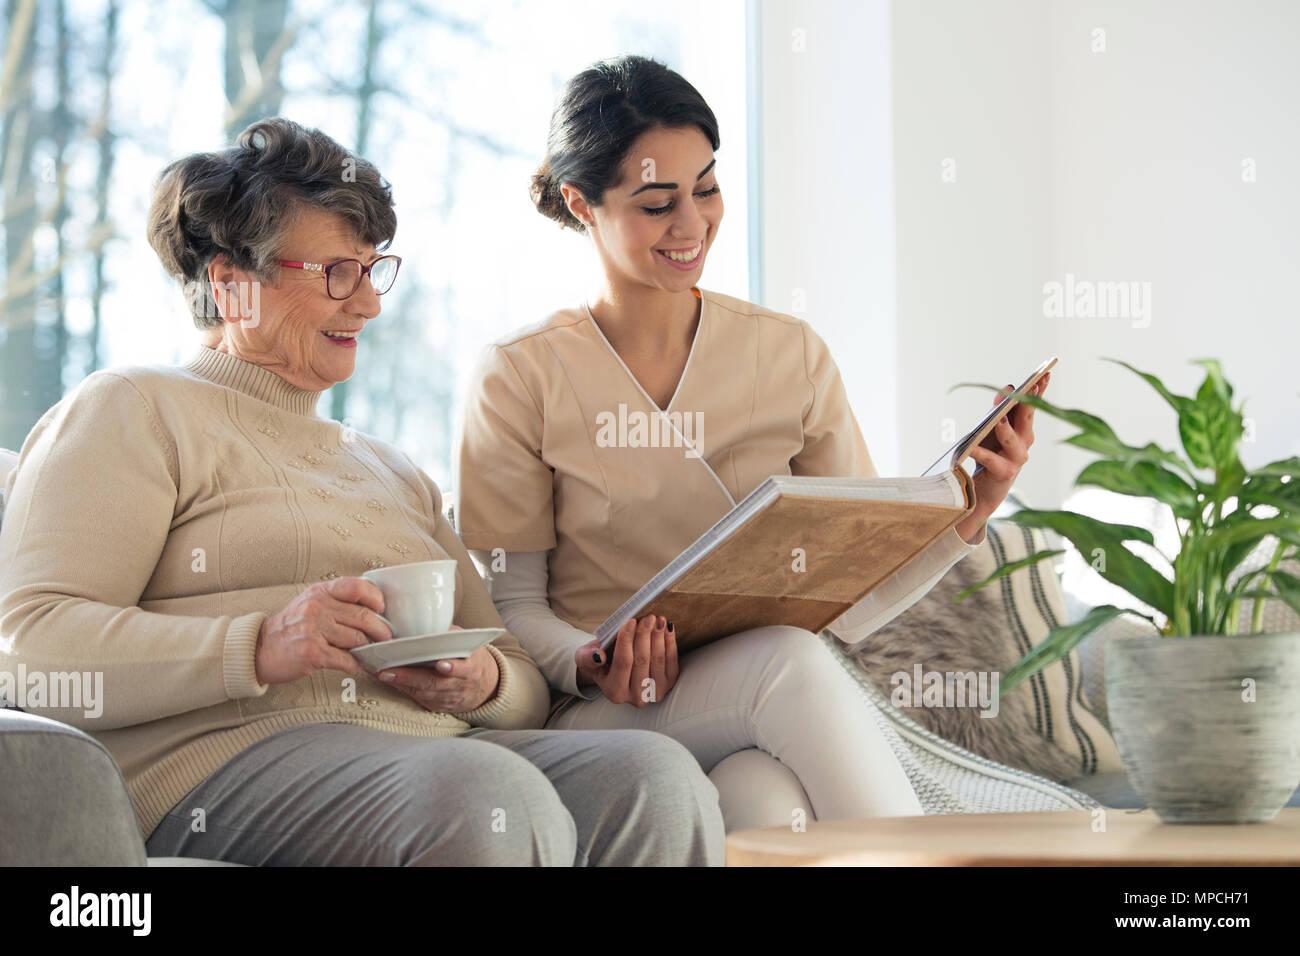 Gardien professionnel souriant montrant un album de famille pour une femme d'un aîné dans un salon à la maison Photo Stock